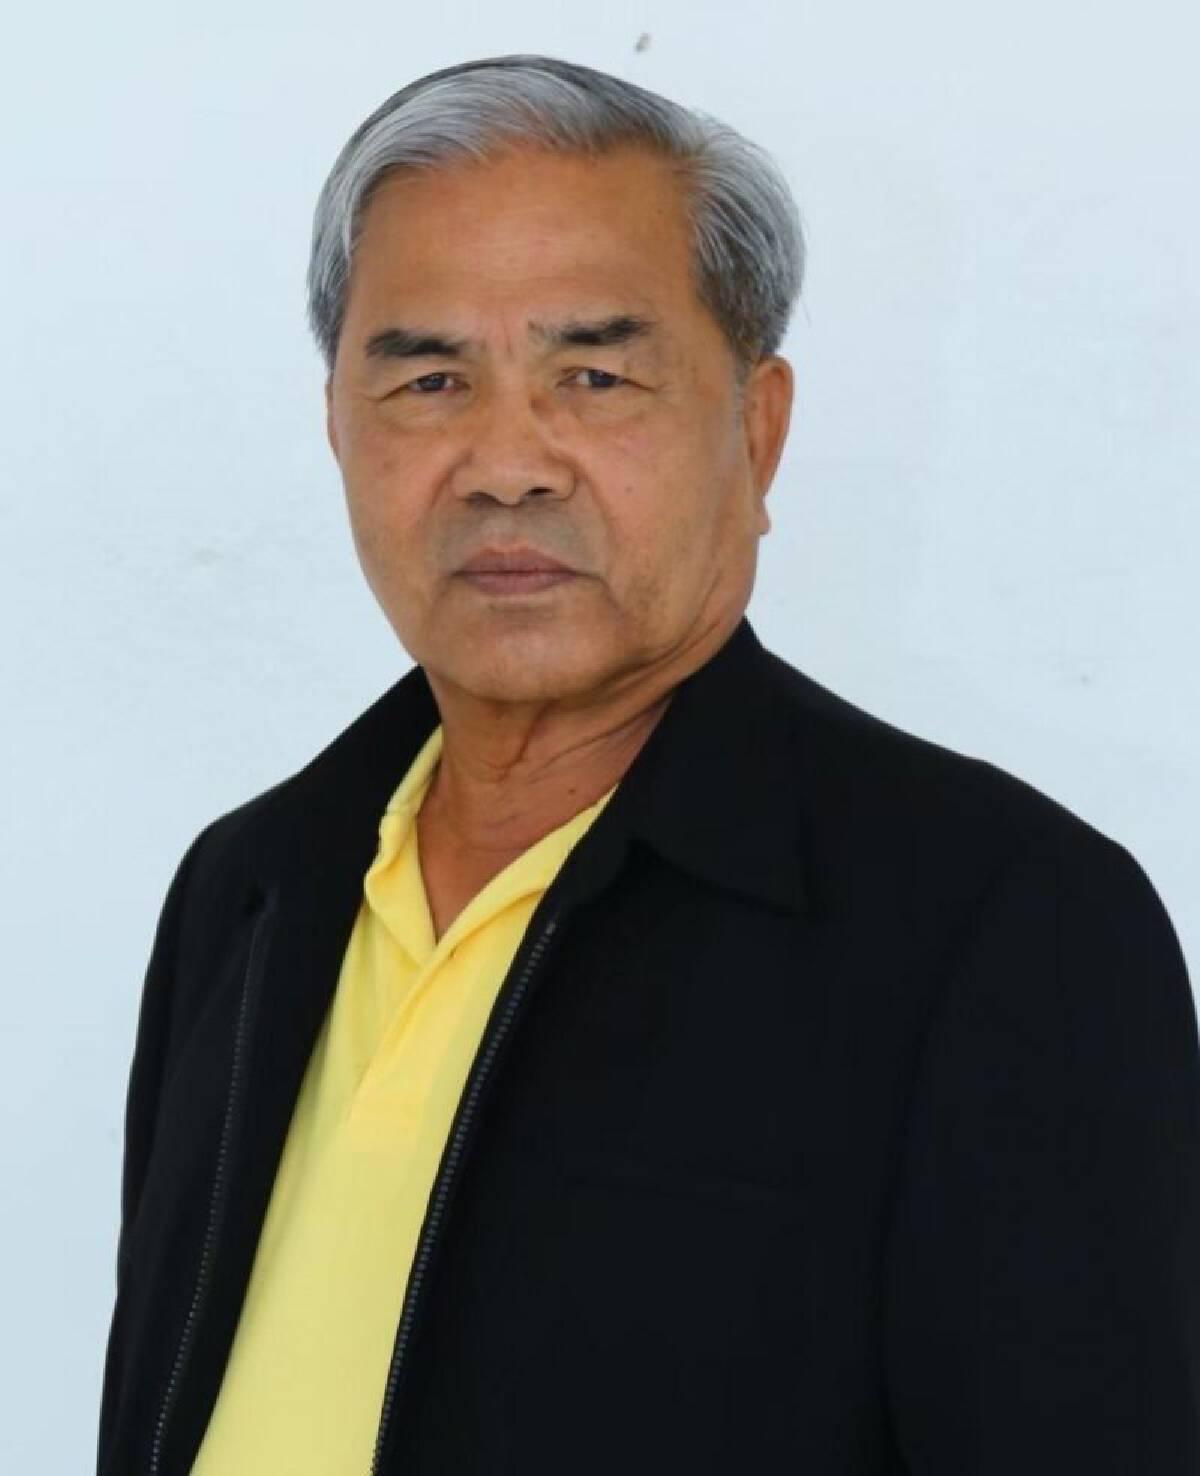 มาโนช ชูทับทิม